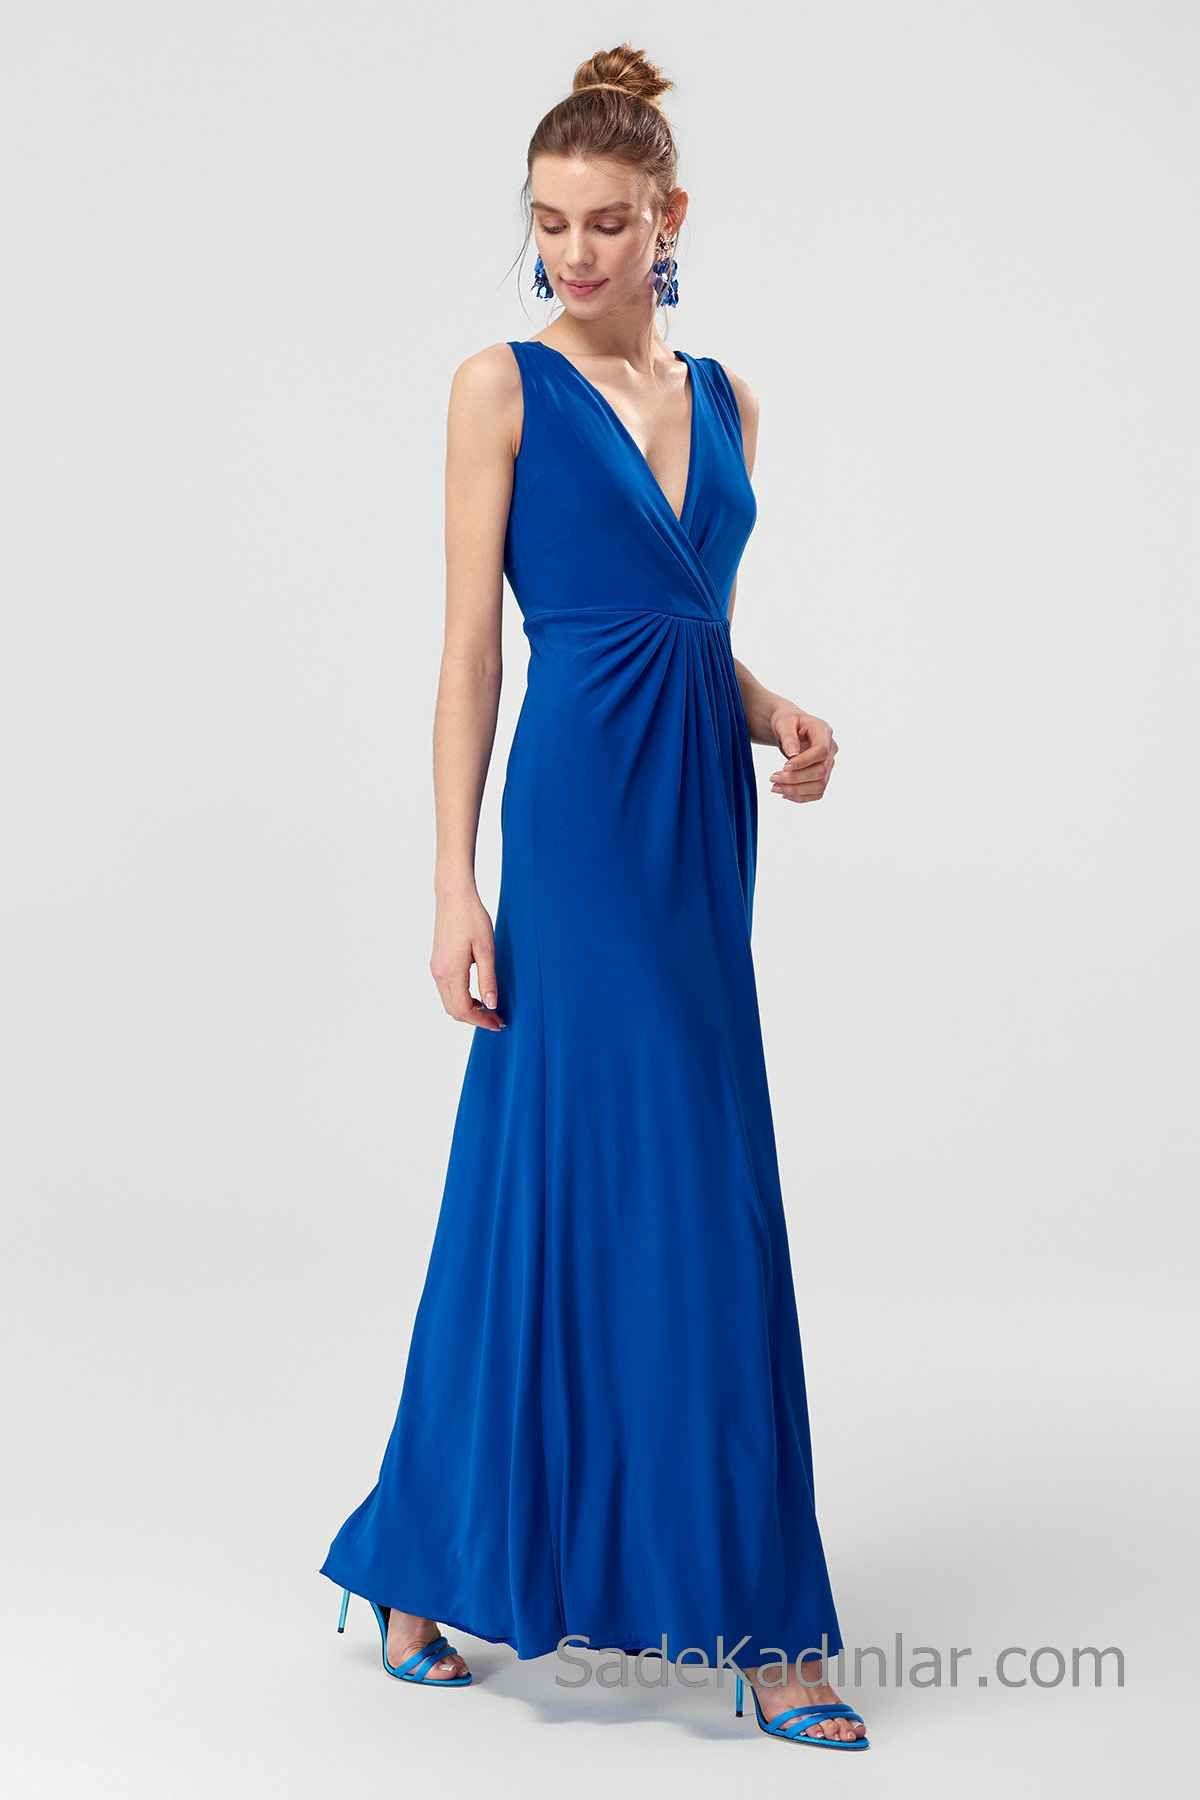 Uzun Abiye Modelleri Saks Mavi Uzun Askılı V YAkalı Büzgülü